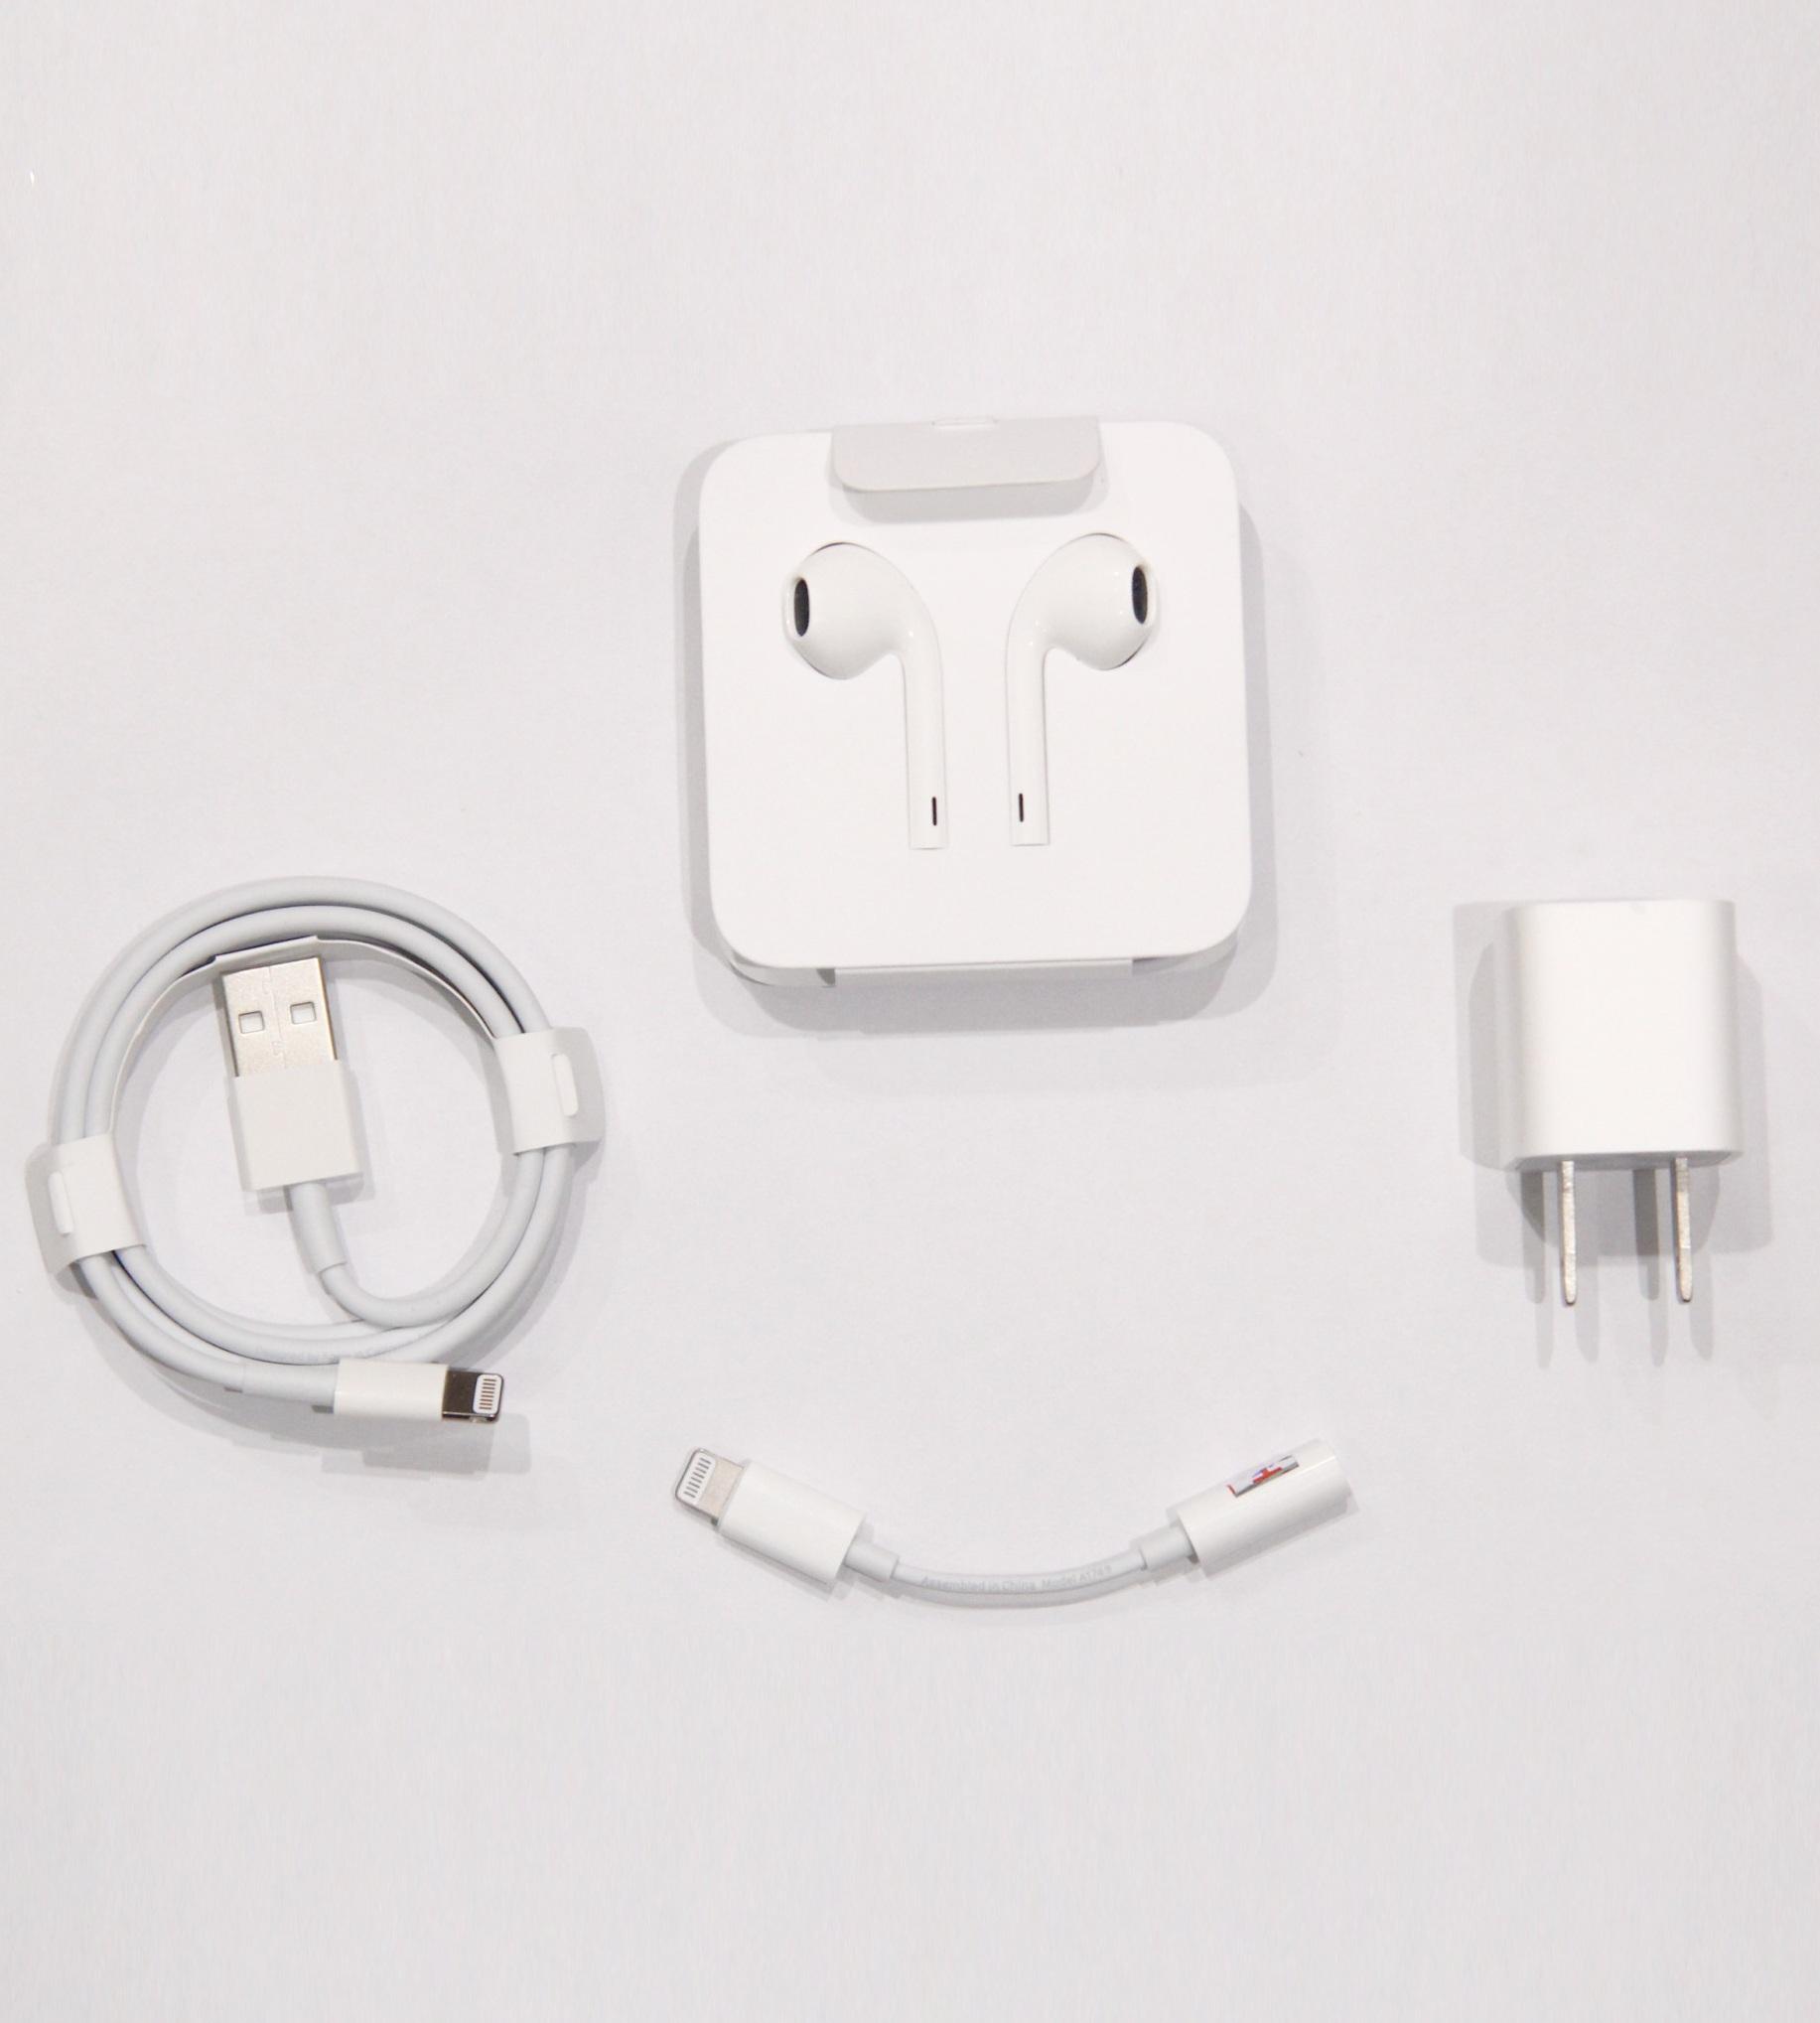 Bộ phụ kiện Apple (zin theo hộp) hình 1